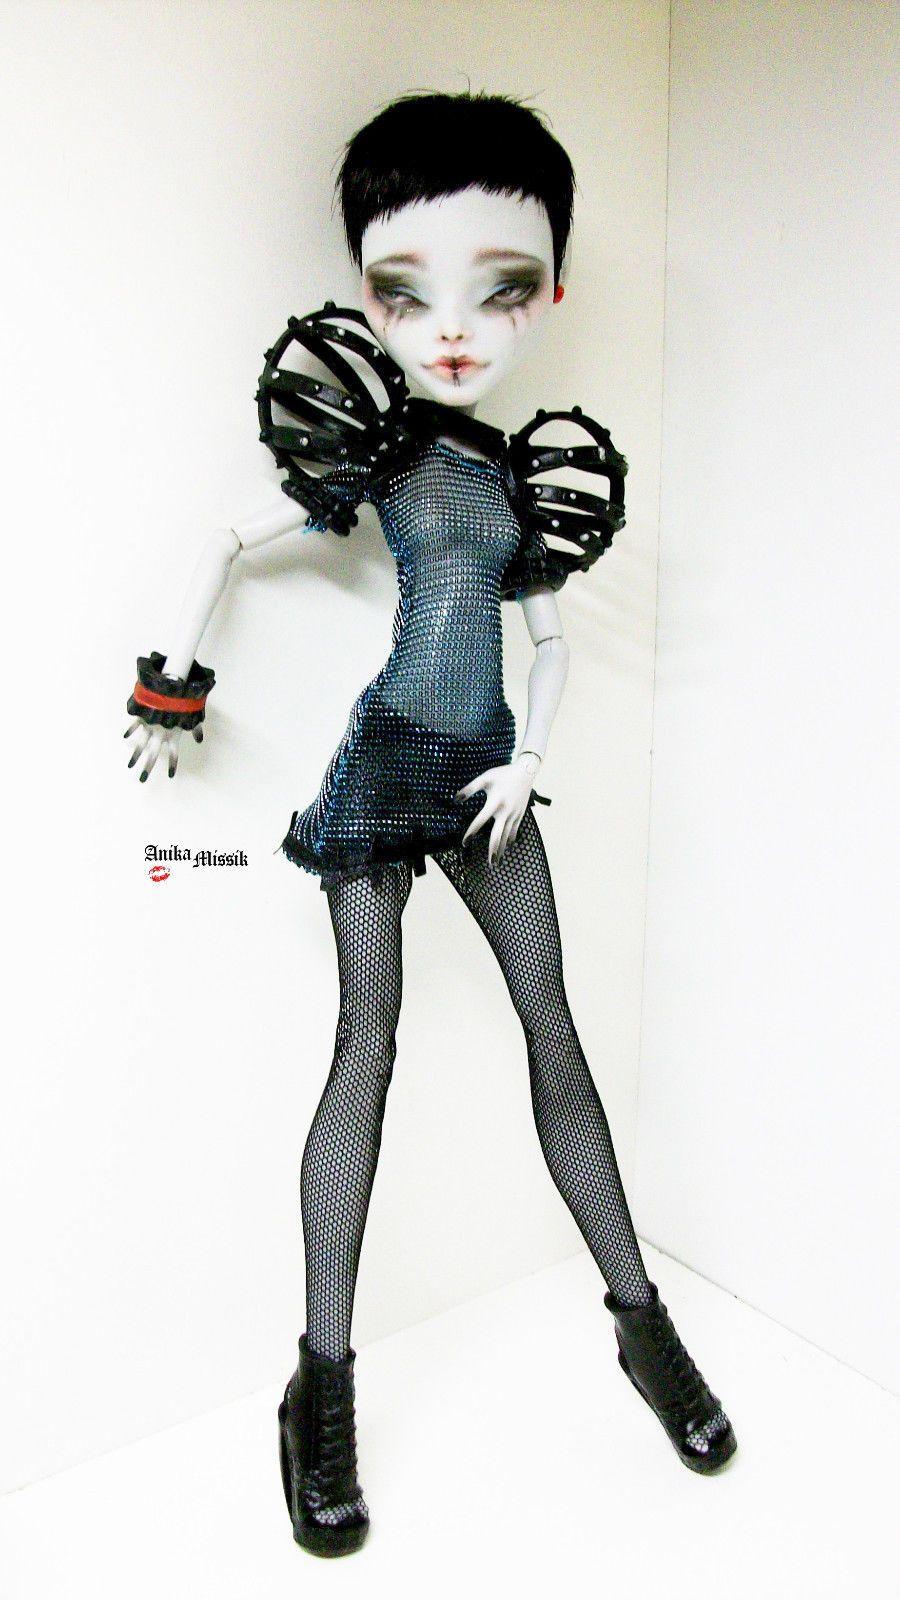 Monster High Ghoulia Yelps OOAK Repaint Custom by Anikamissik | eBay